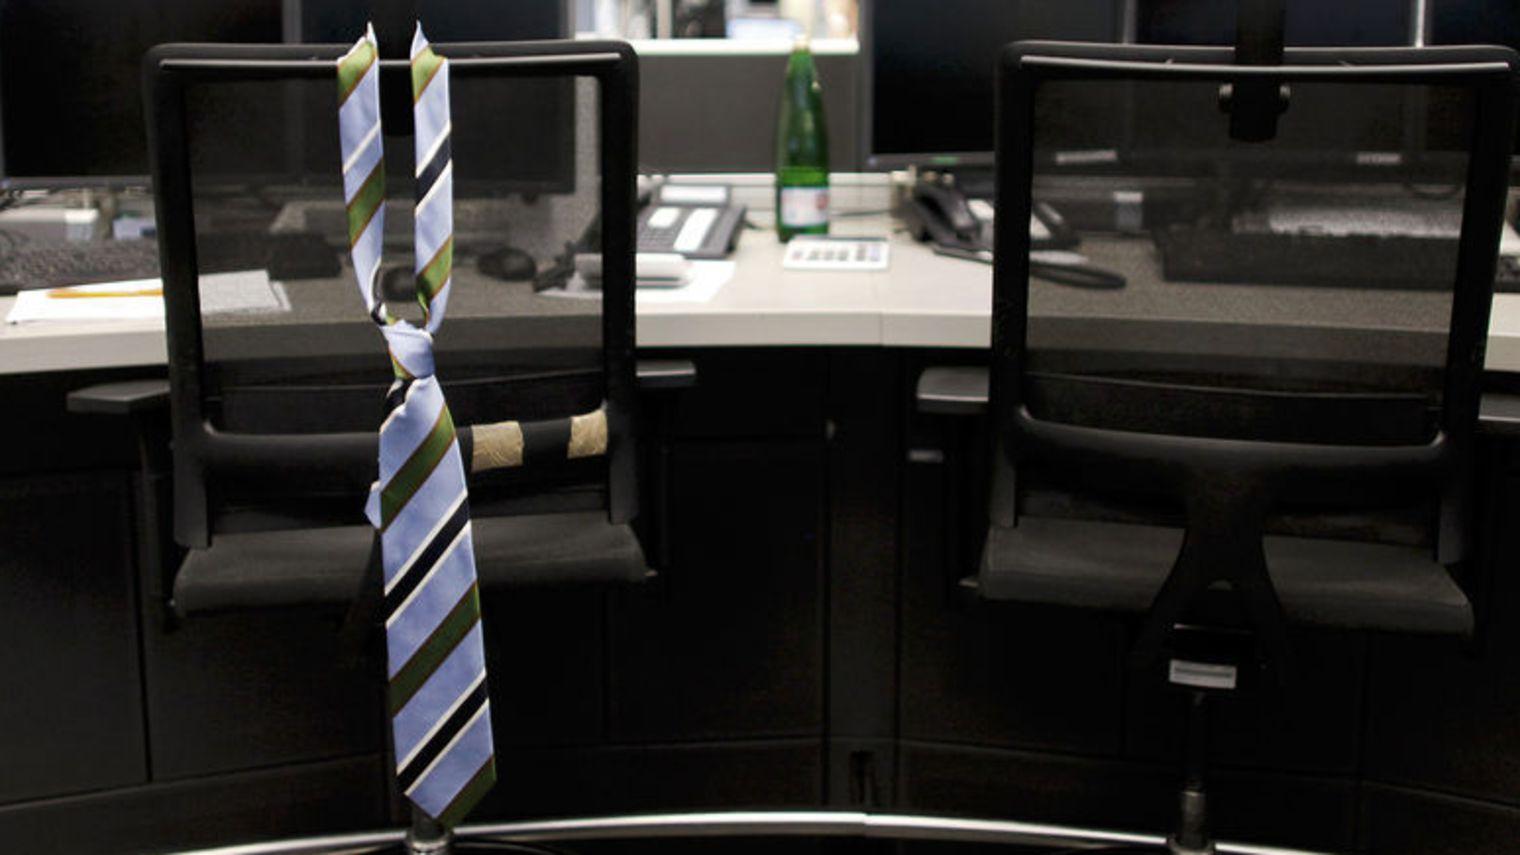 Emploi bureau vide absence asterÈs